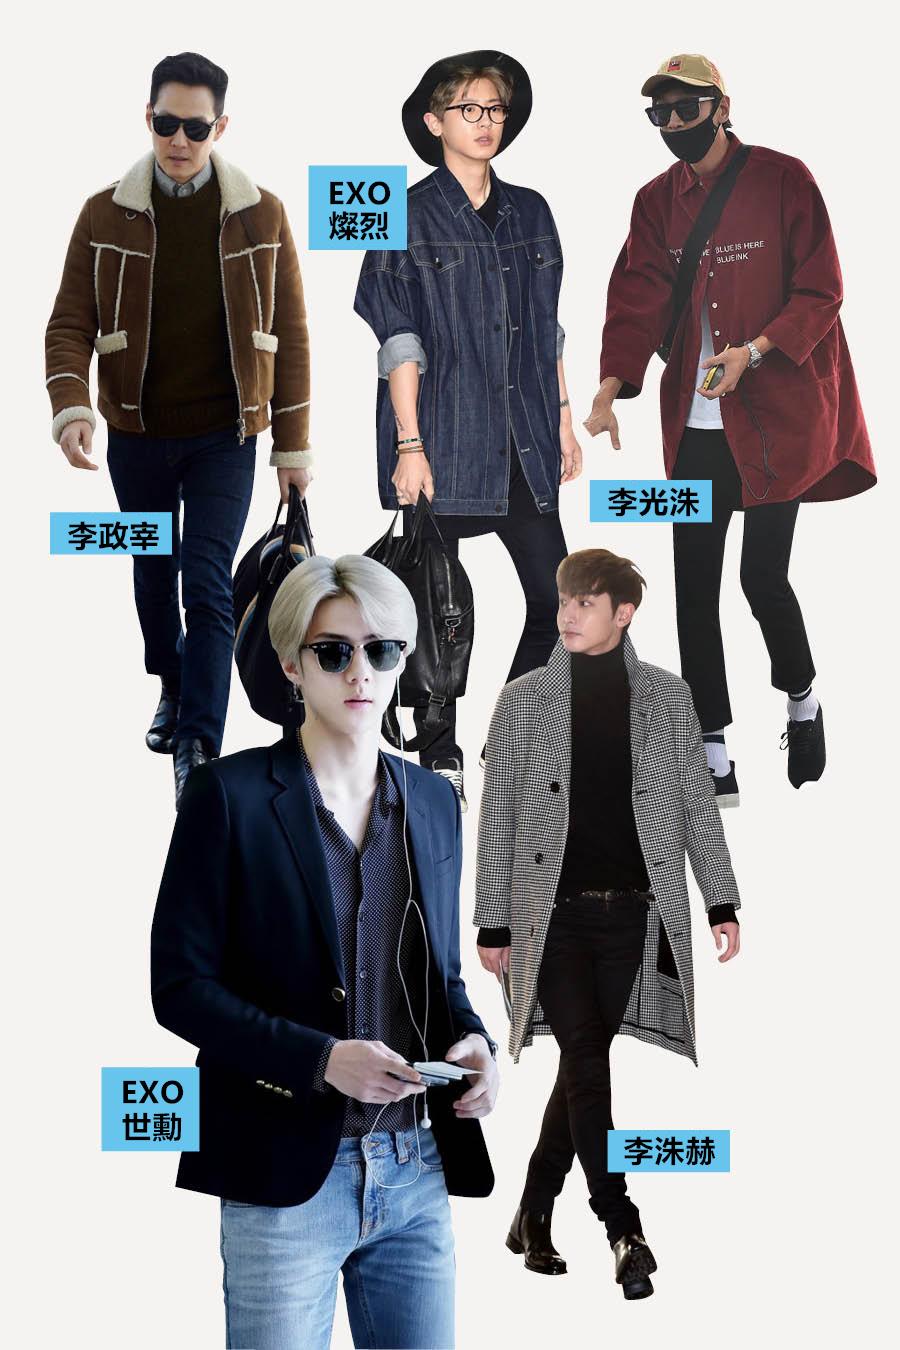 小編發現男星得獎者都有一個共同點耶! 沒錯!就是身高! 剛好五個人都穿了不一樣風格的外套,可以讓男友好好的參考一下~